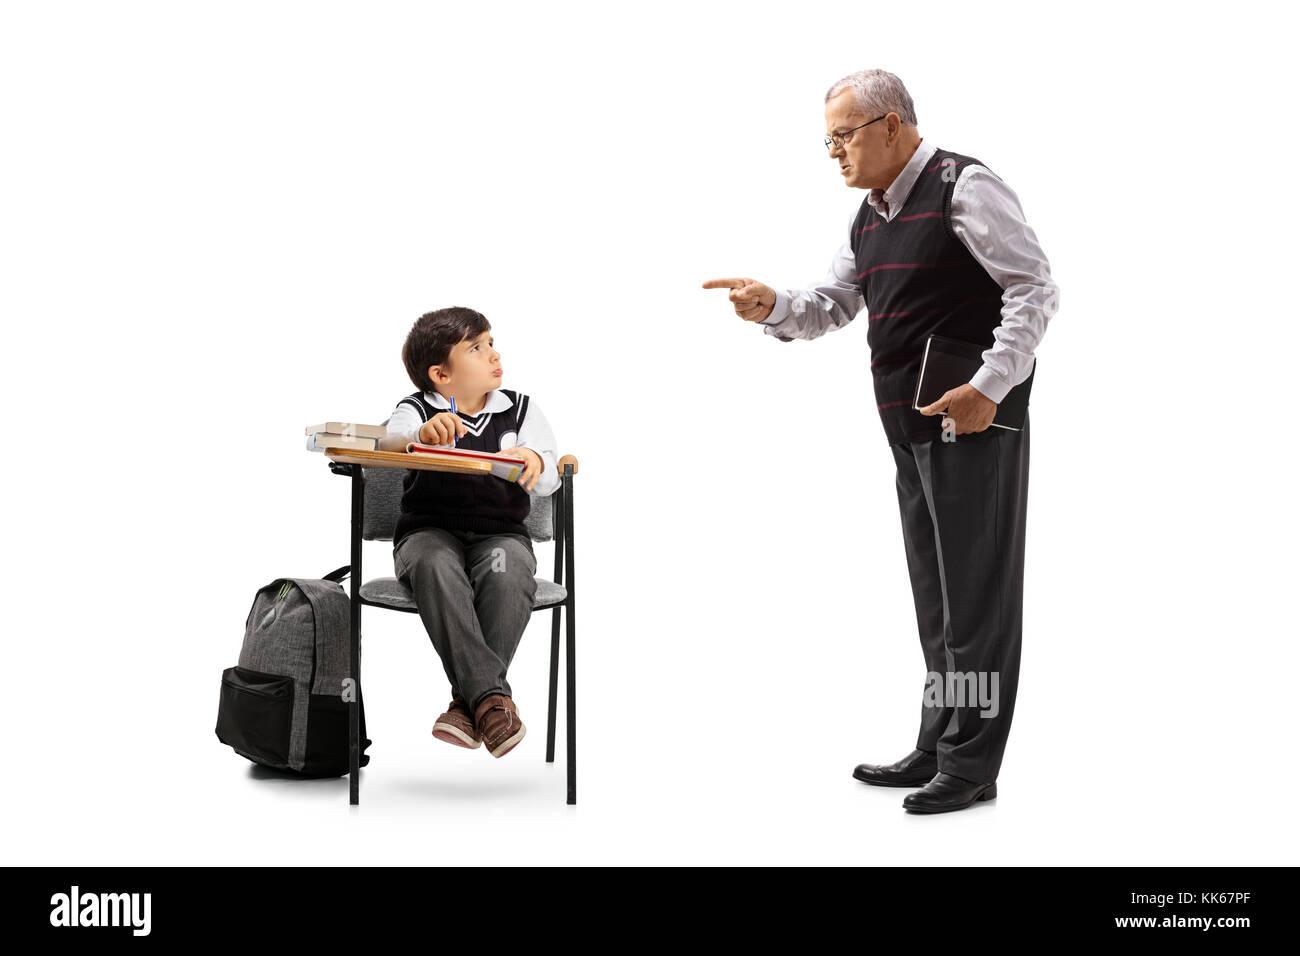 Les réprimandes de l'enseignant un écolier assis dans une école président isolé sur Photo Stock